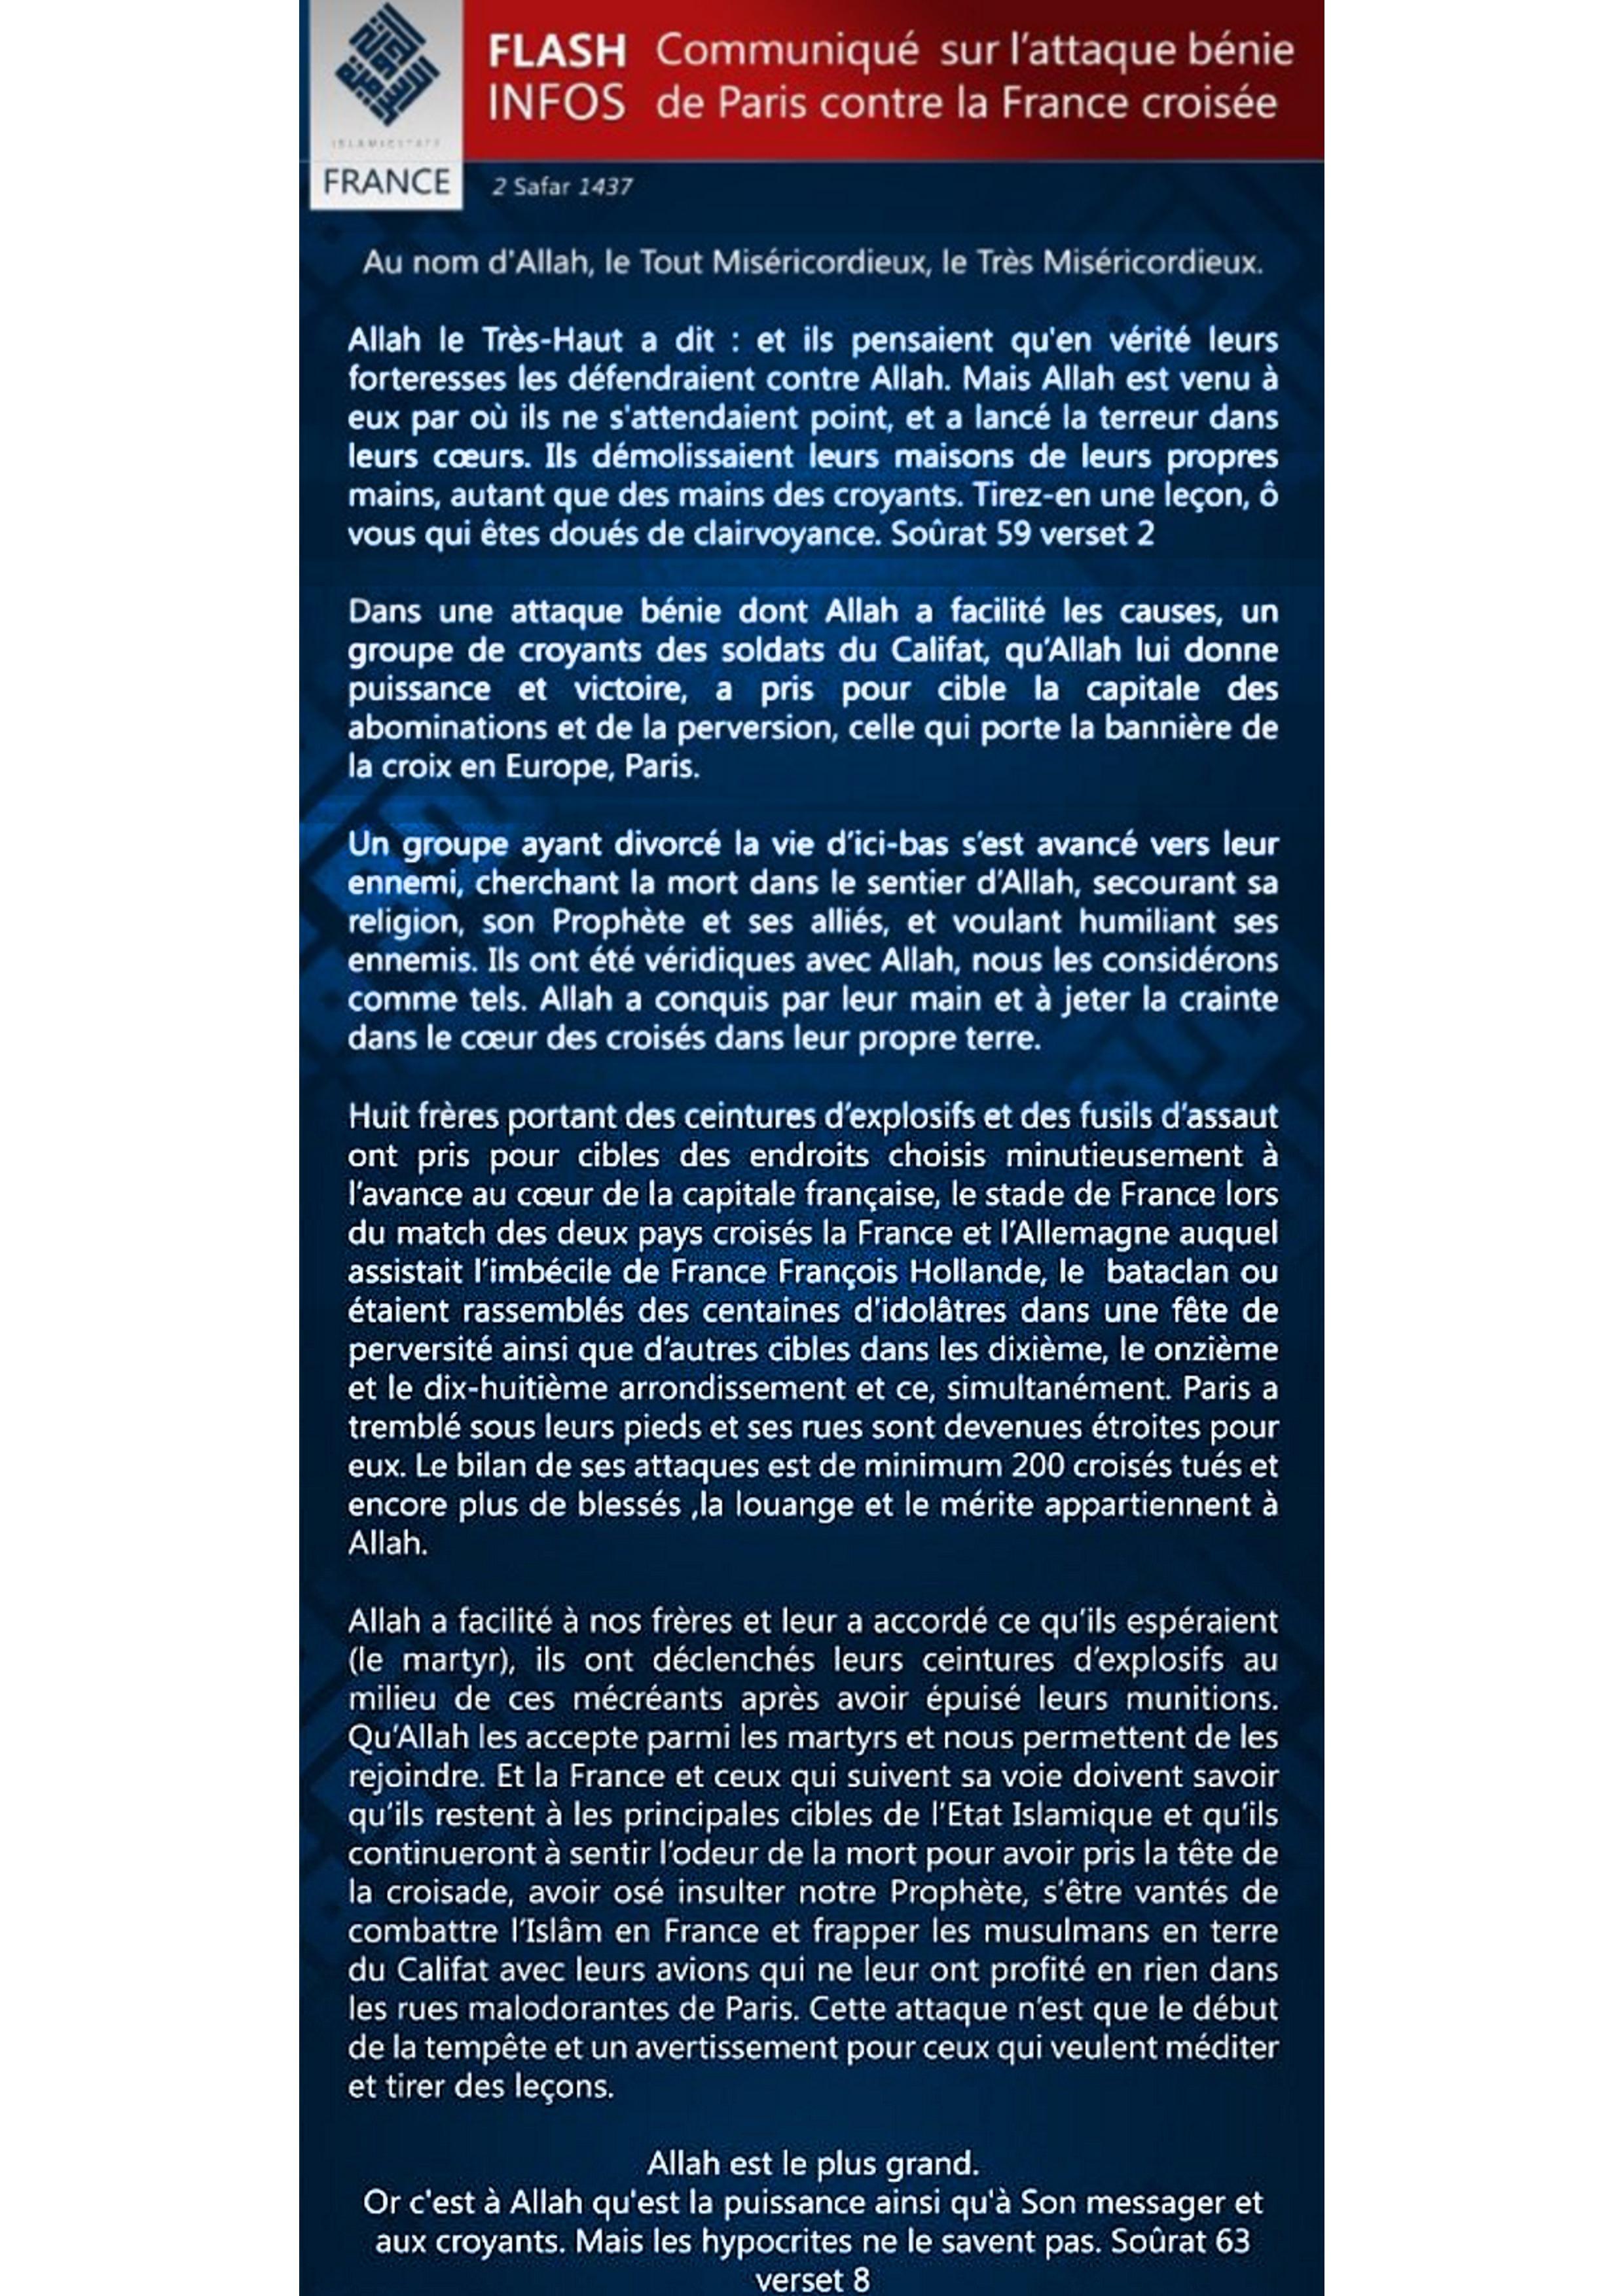 communique_daesch-attaque-bataclan-contre-croises-page-0